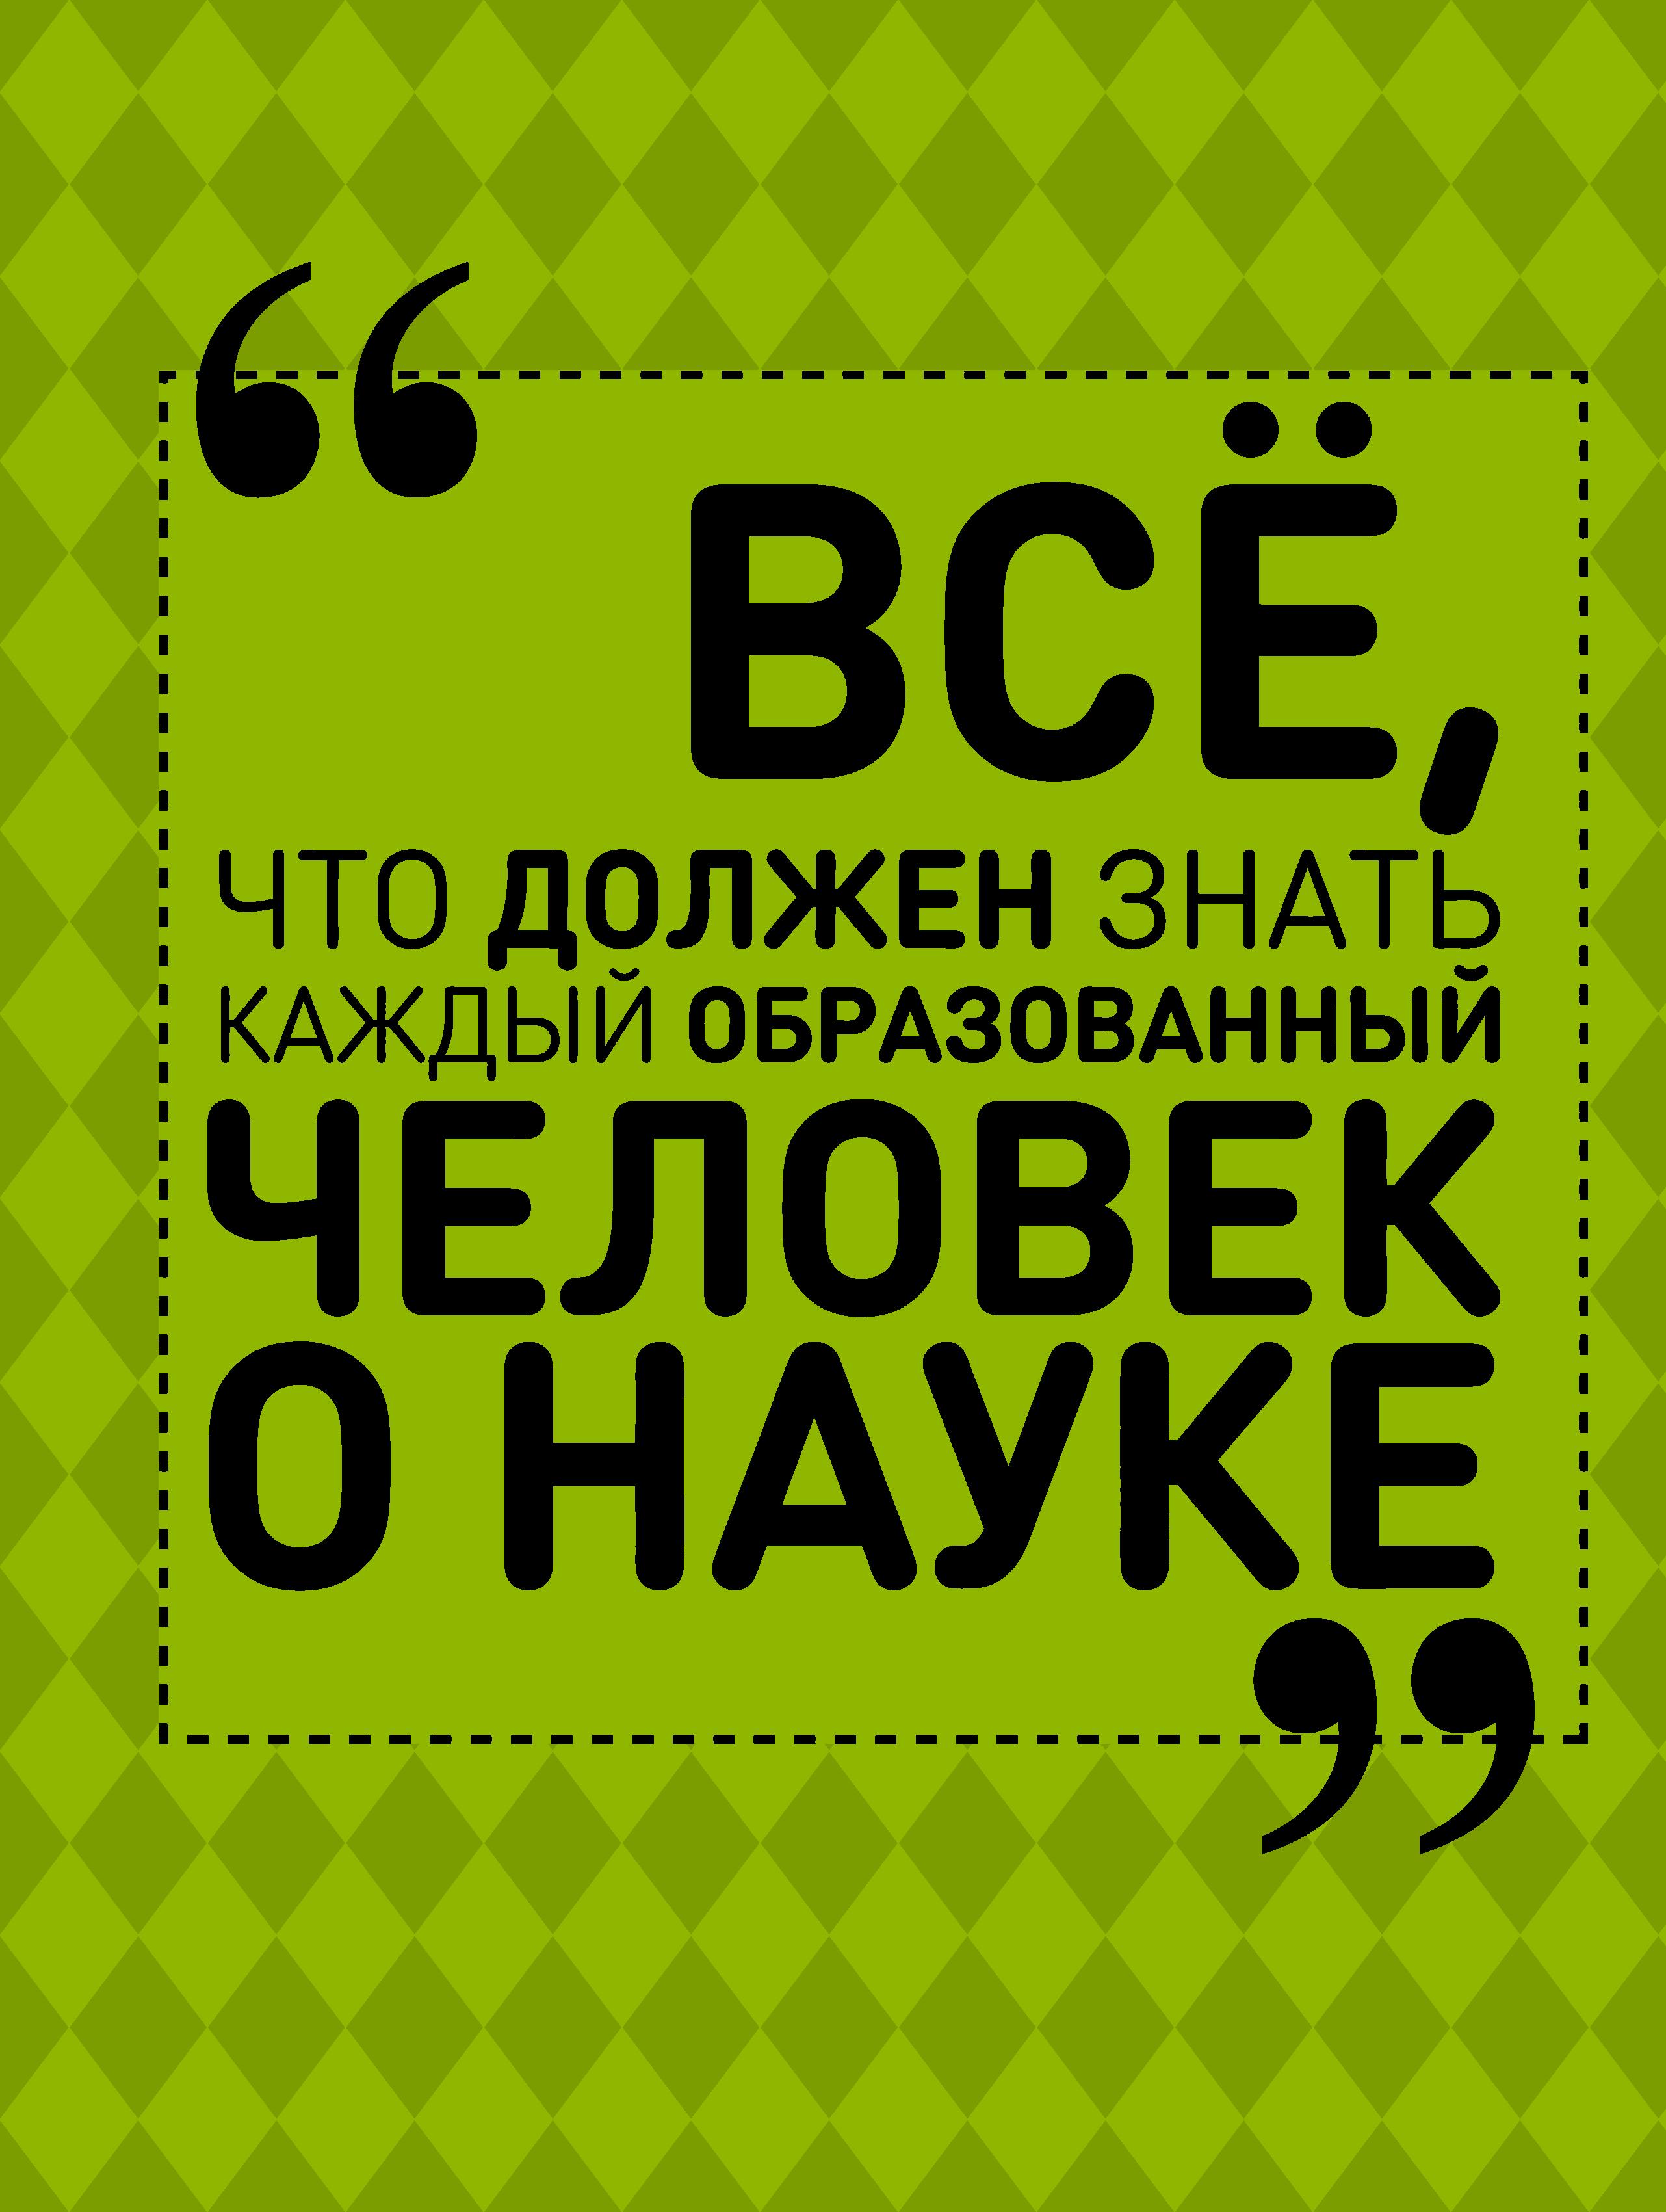 Все, что должен знать каждый образованный человек о науке от book24.ru